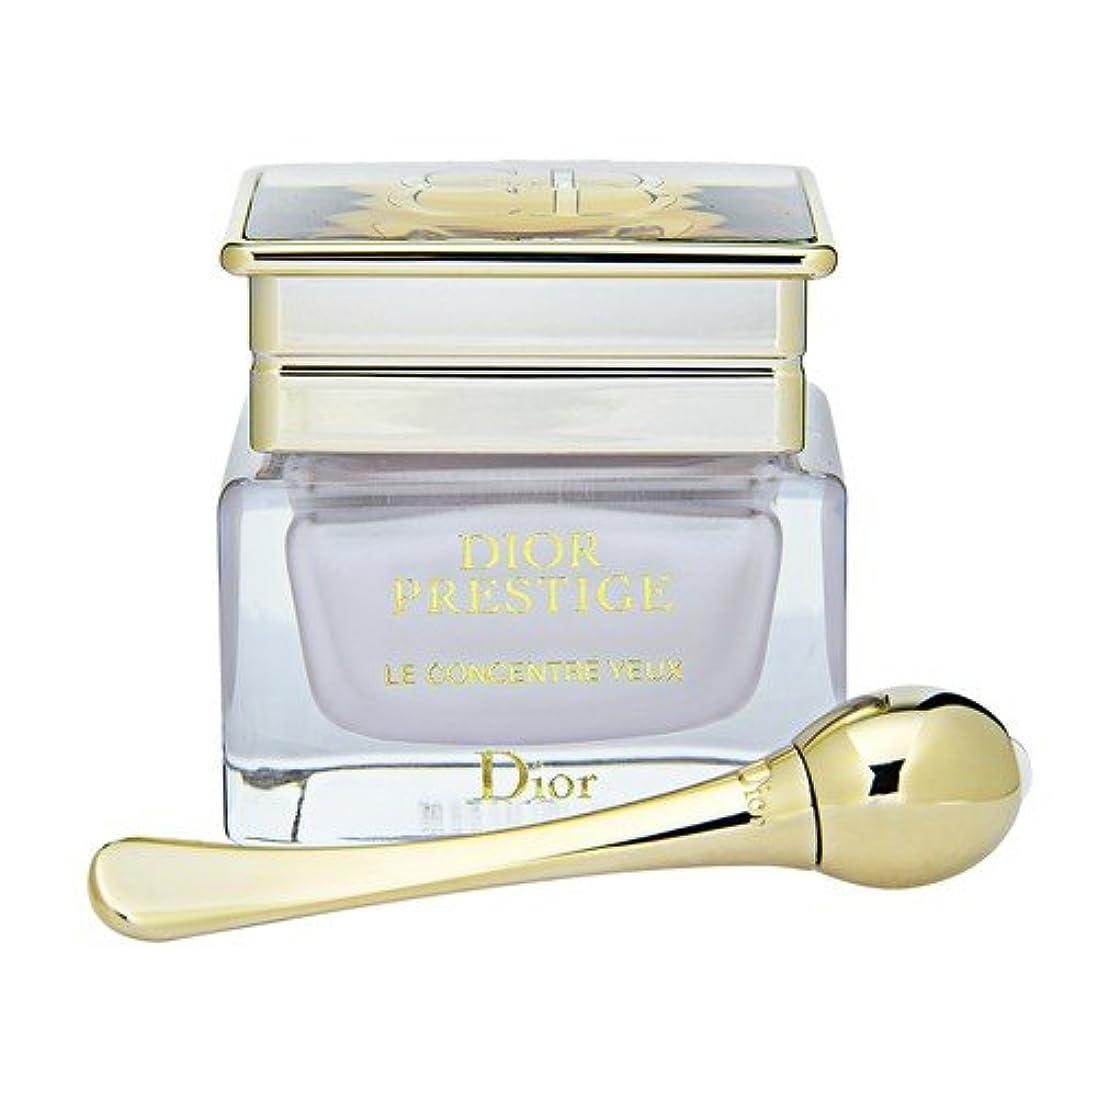 三める山岳クリスチャン ディオール(Christian Dior) プレステージ ル コンサントレ ユー 15ml [並行輸入品]